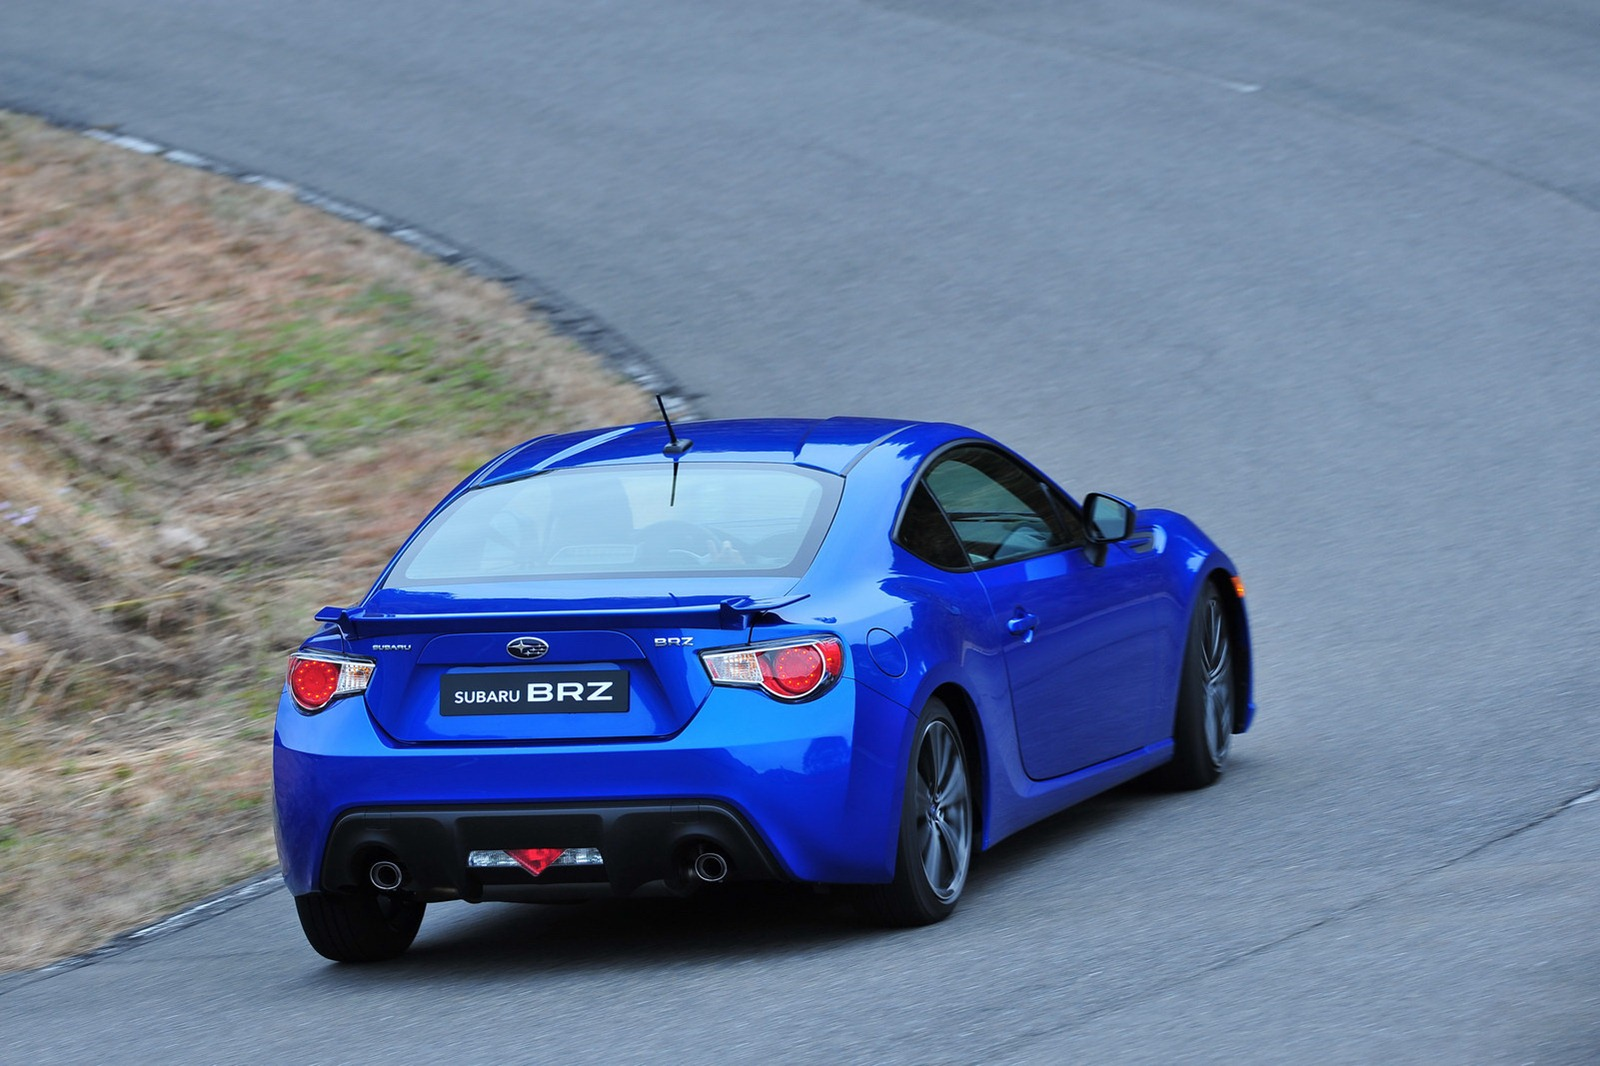 2013-Subaru-BRZ-Coupe-19.jpg?imgmax=1800